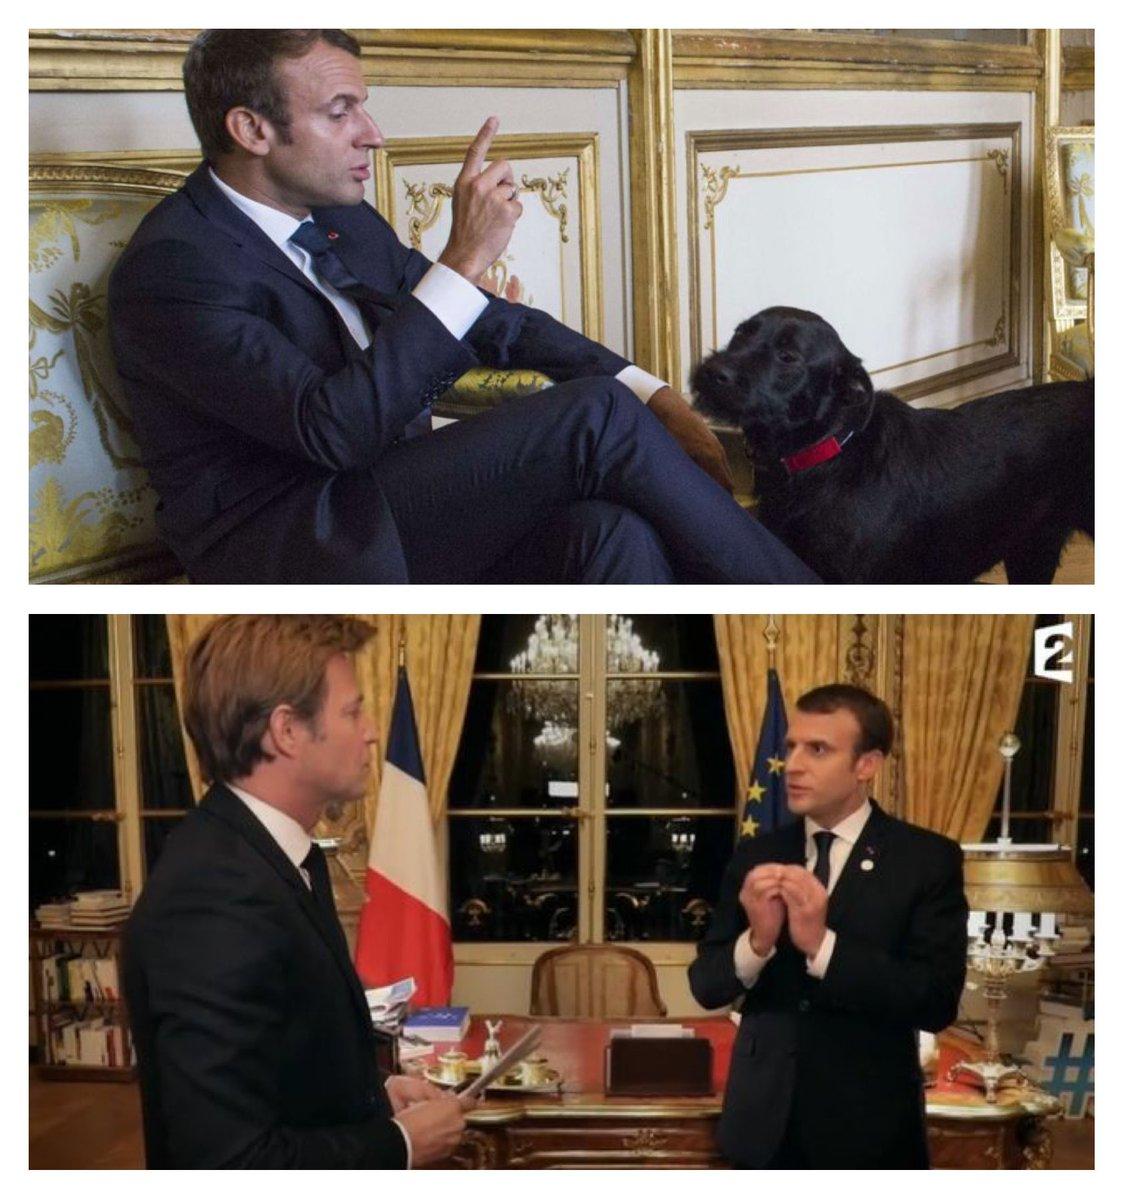 Après l'indécente mise en scène de la communication de #Macron par #Delahousse sur chaîne publique qui fonctionne avec notre redevance soit @France2tv, le Président peut compter sur un nouvel ami fidèle ##Macron20HWE